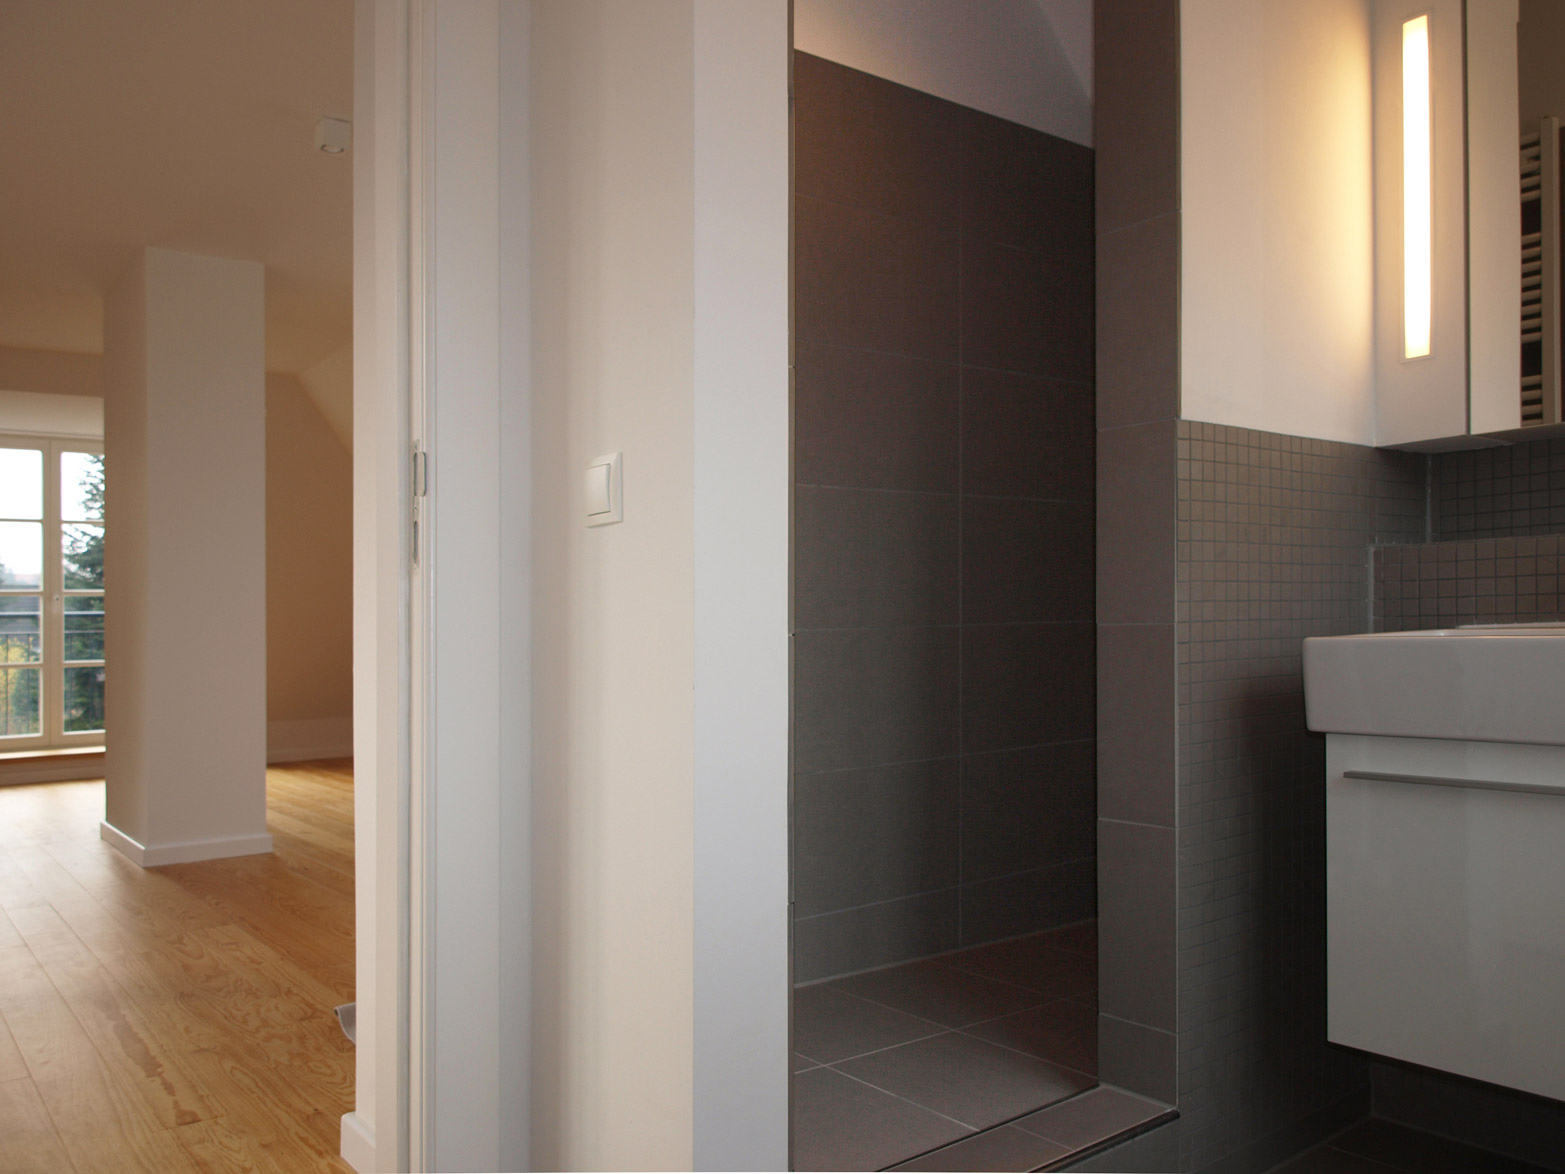 umbau erweiterung einer kaffeem hle architektur m bel cattau. Black Bedroom Furniture Sets. Home Design Ideas